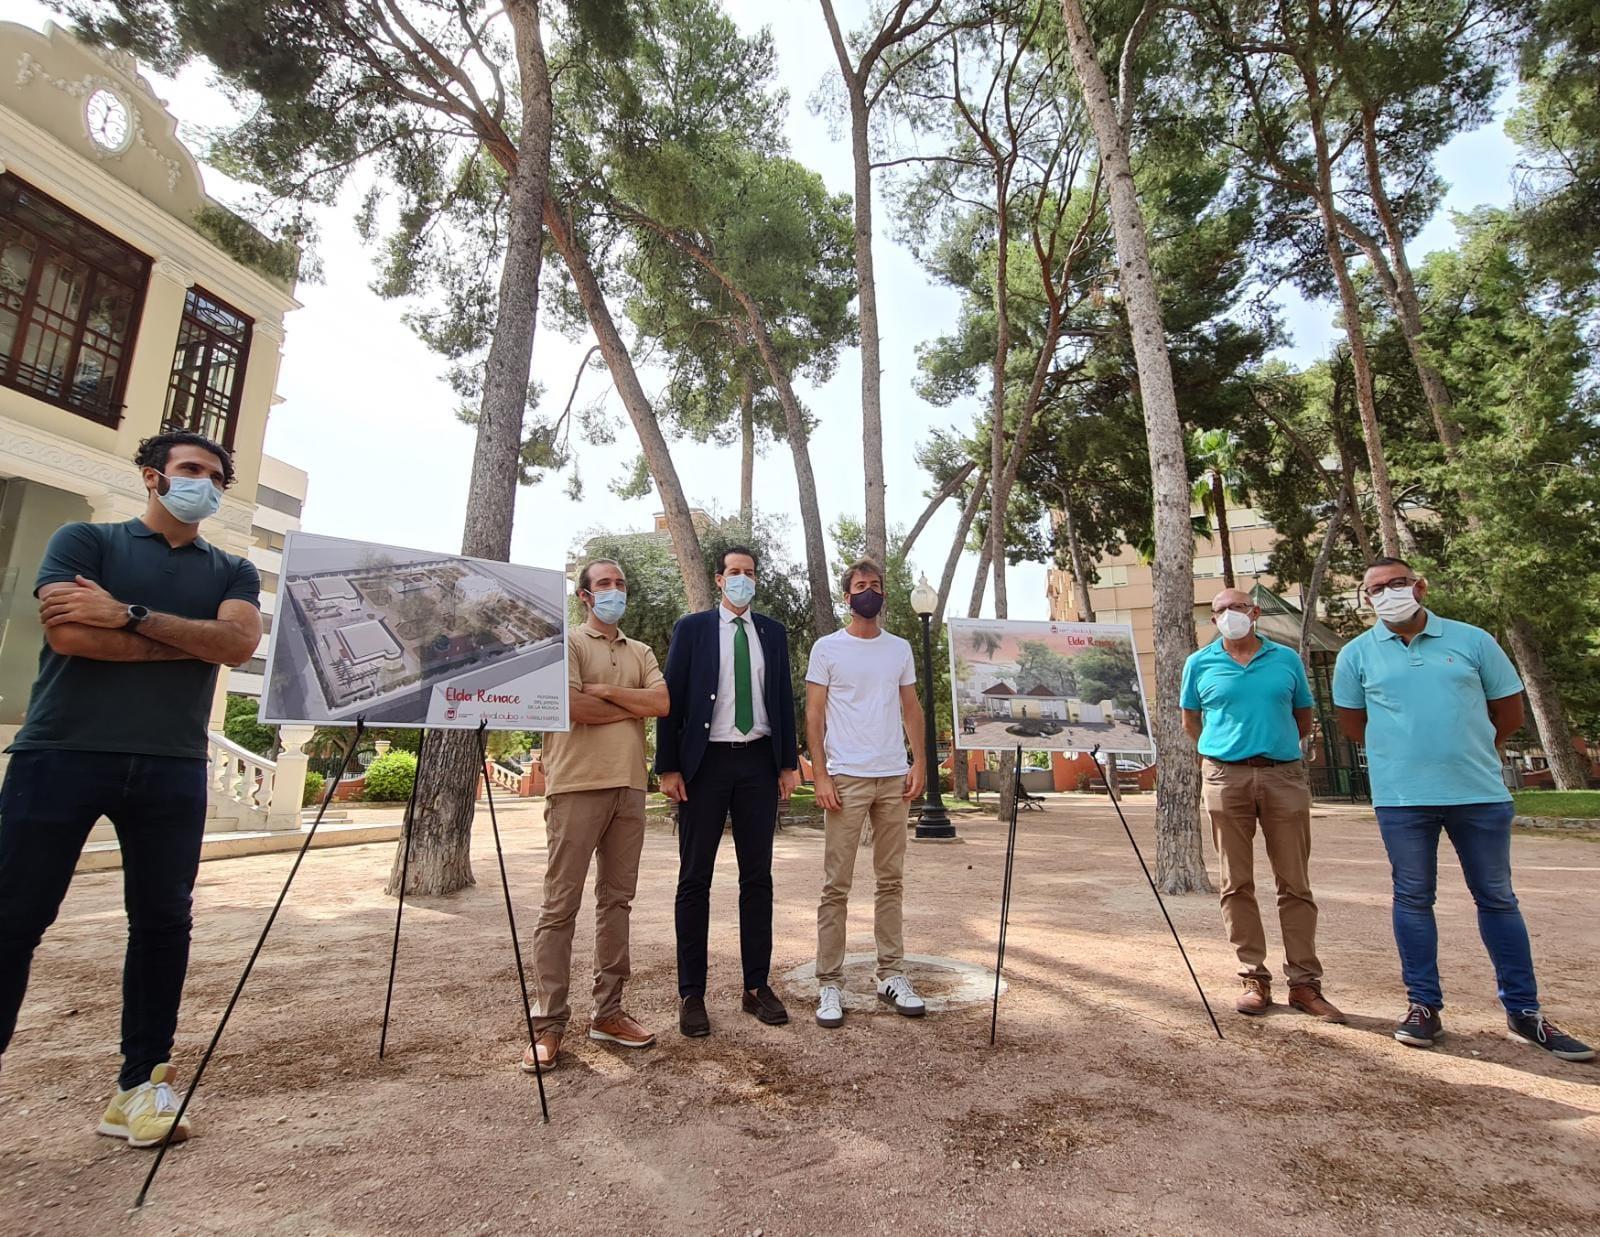 El Ayuntamiento de Elda pondrá en valor el Jardín de la Música con una reforma integral que mejorará la accesibilidad, ampliará las zonas ajardinadas y recuperará la cafetería